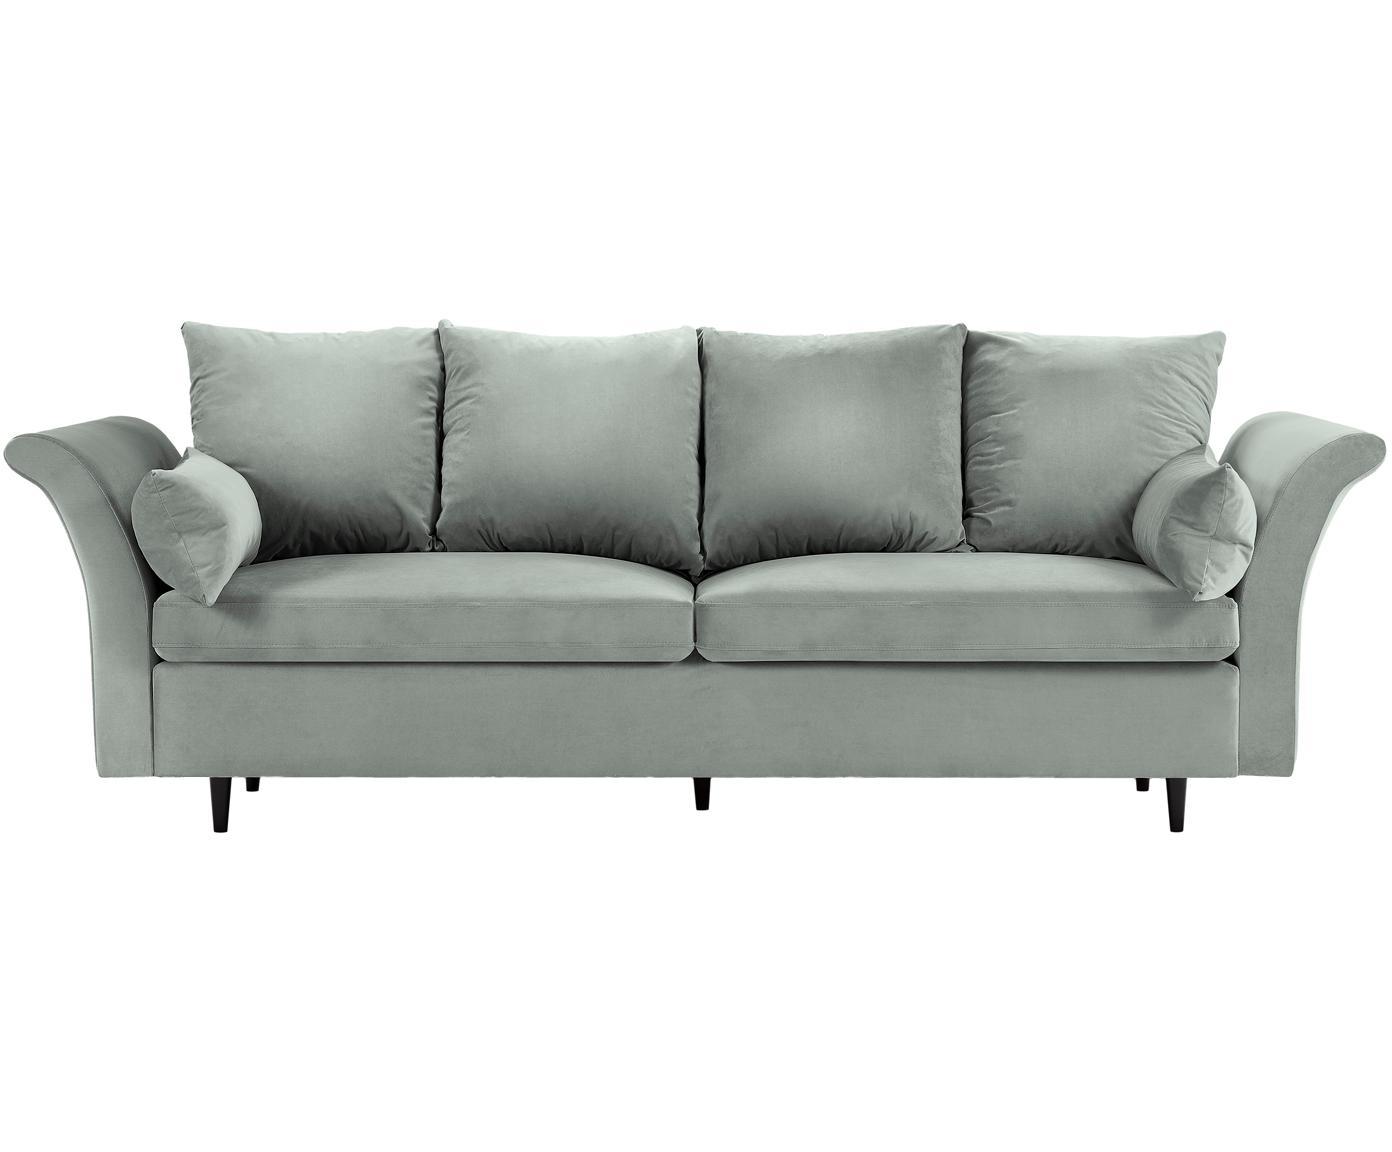 Sofa rozkładana z aksamitu Lola (3-osobowa), Tapicerka: aksamit poliestrowy, Nogi: drewno sosnowe, lakierowa, Jasny szary, S 245 x G 95 cm